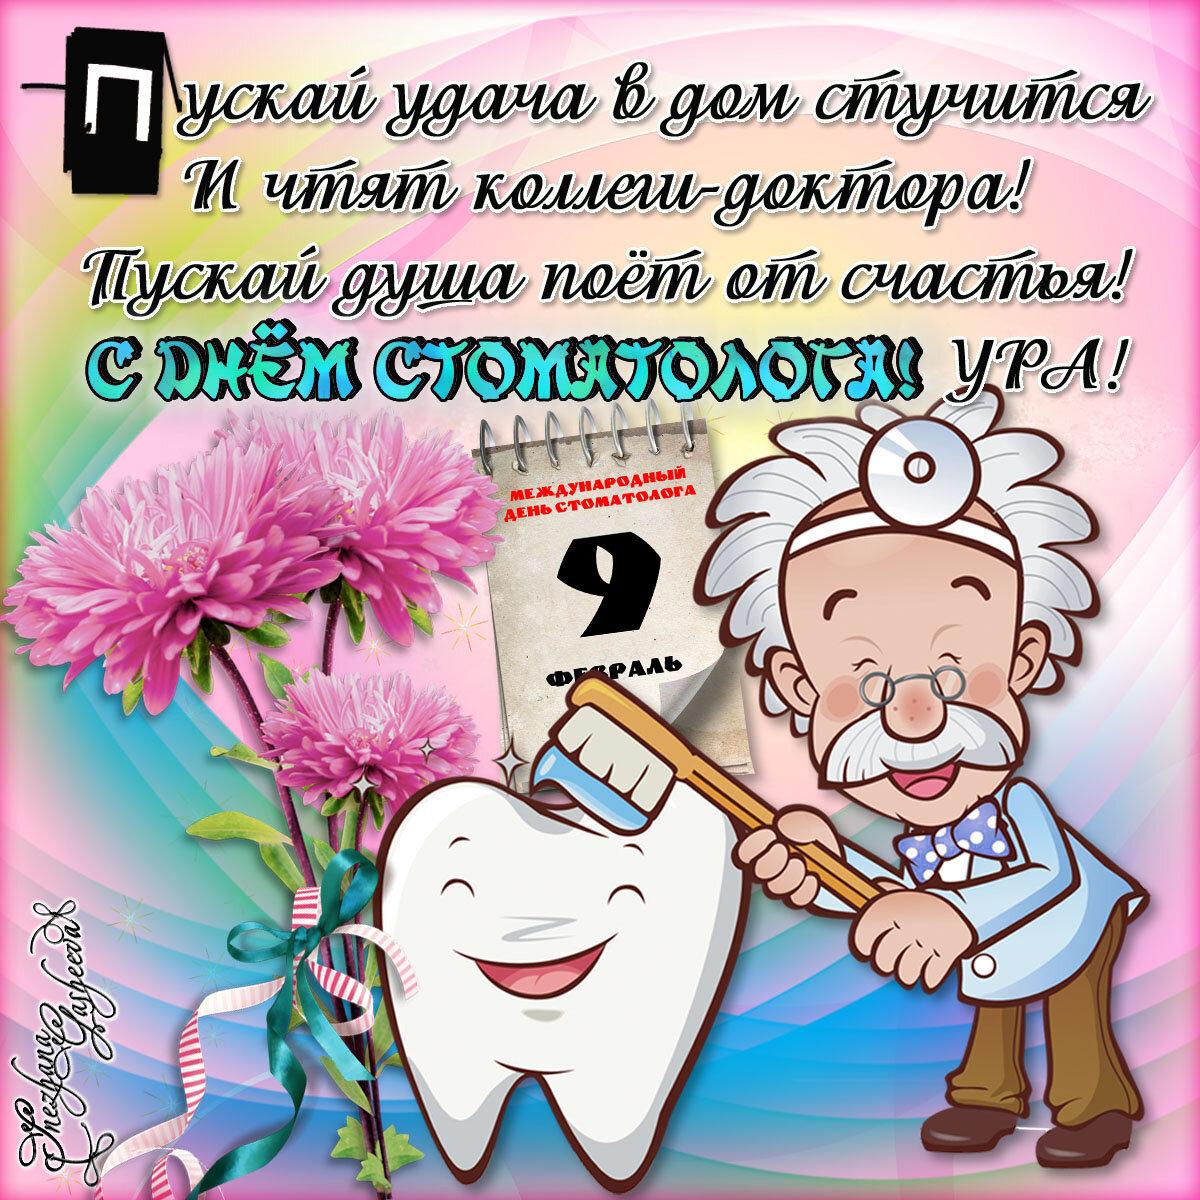 Все, открытки поздравления стоматологу